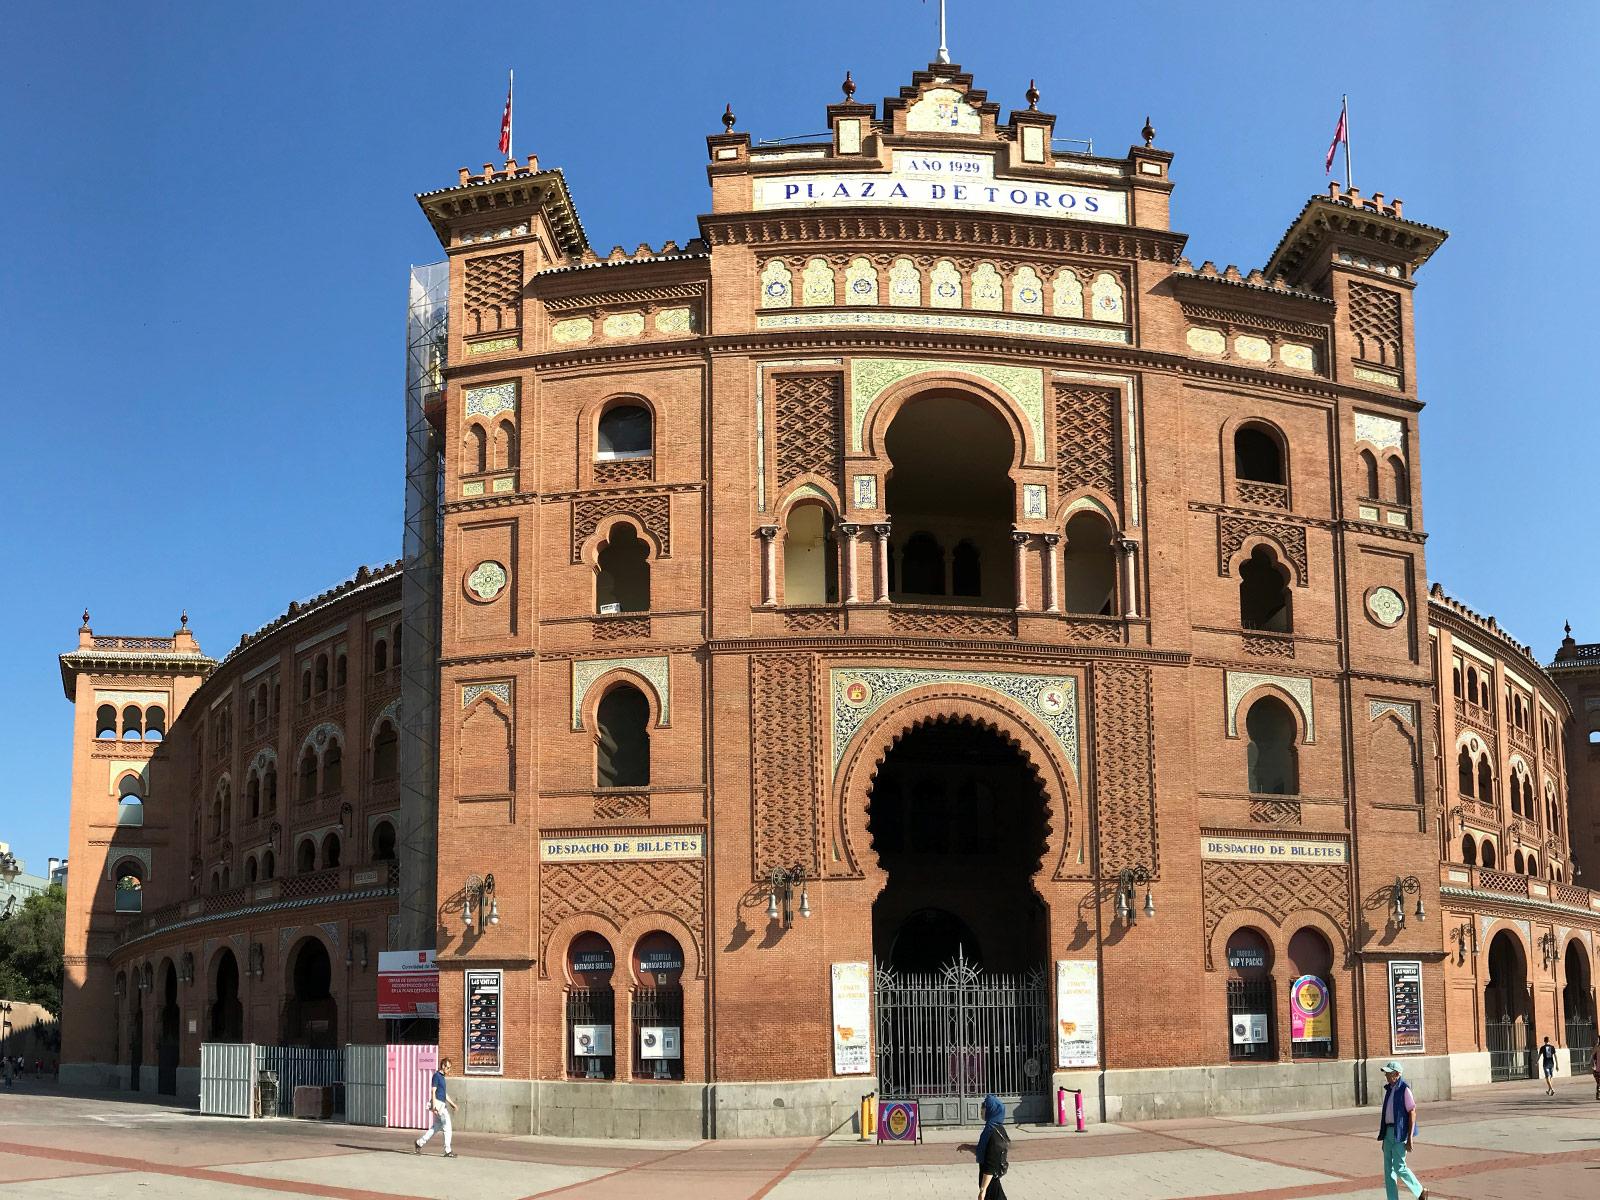 El ladrillo en el tiempo - Plaza de Toros de Las Ventas, Madrid